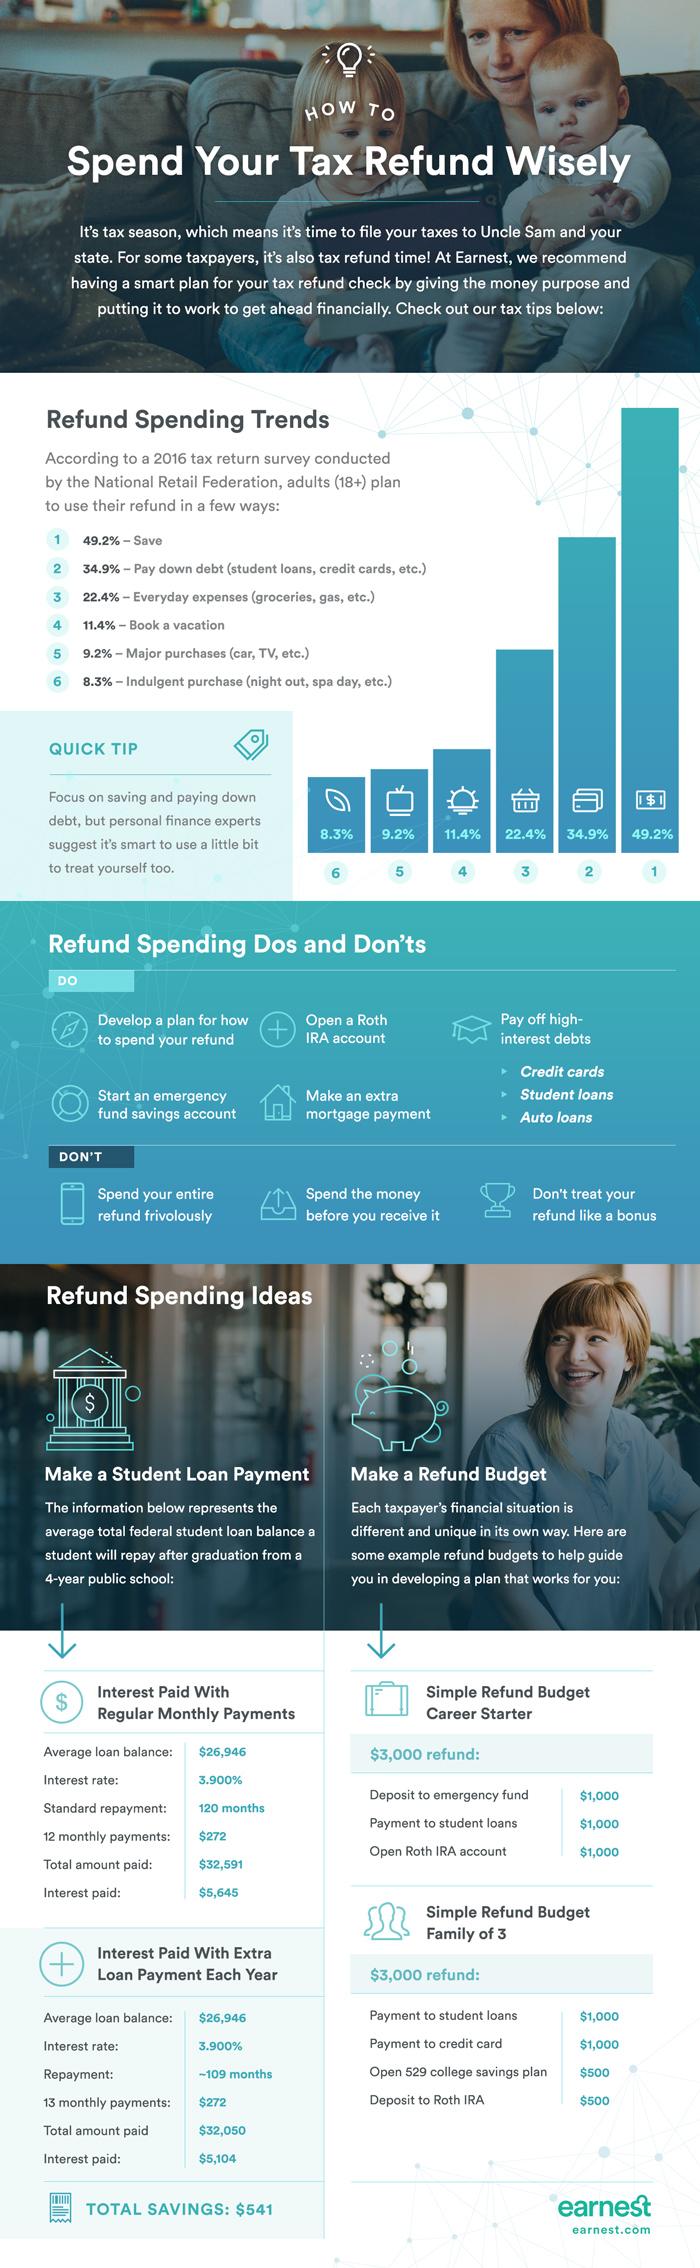 How Will You Spend Your Tax Refund #taxes #tax #taxseason #taxrefund #taxreturn